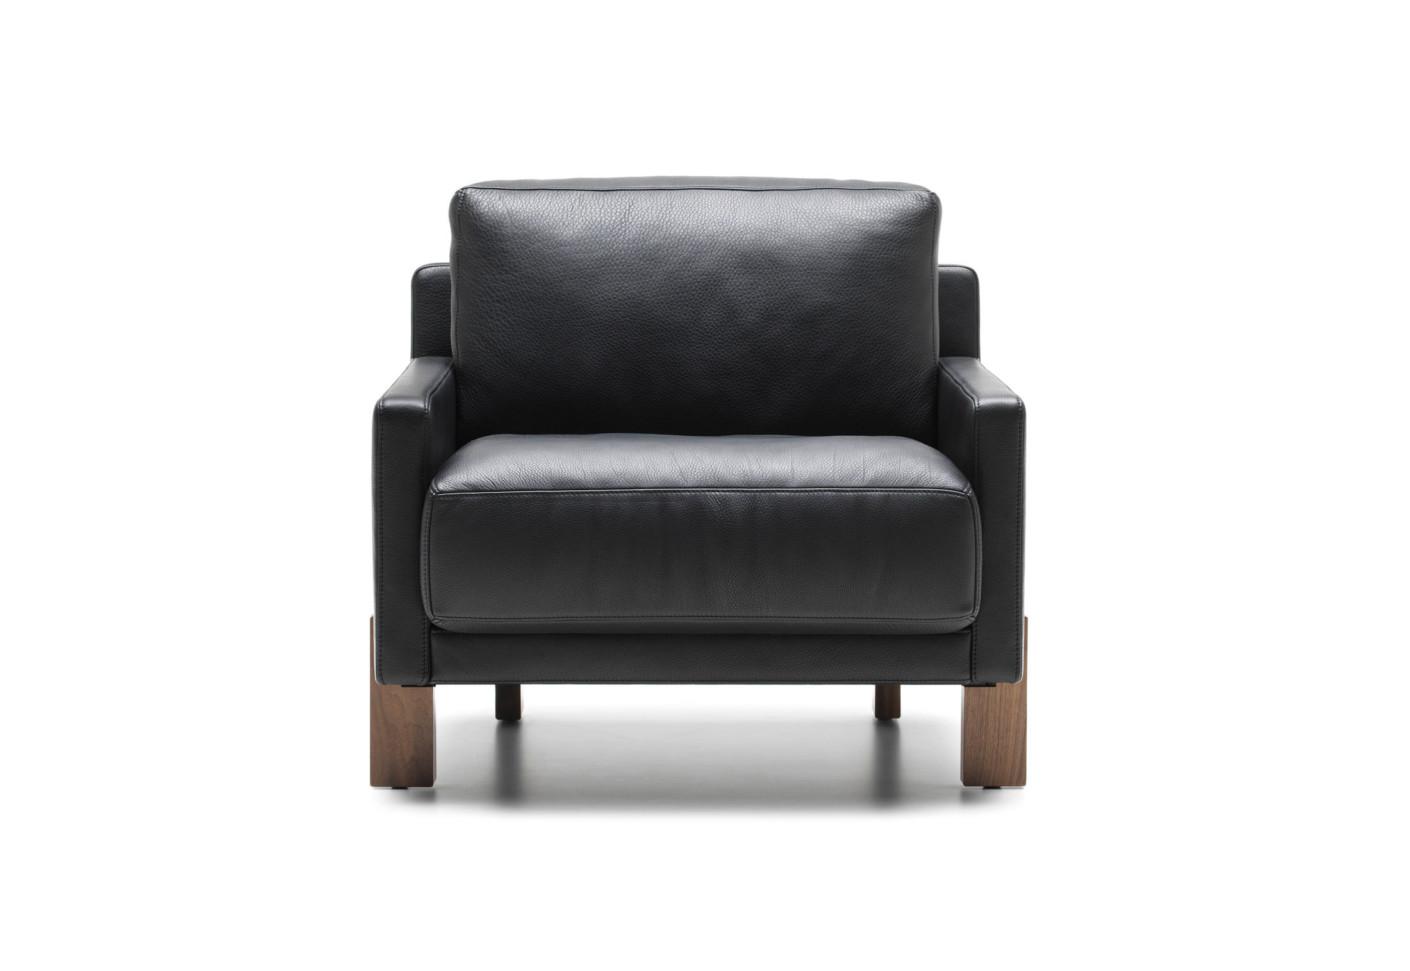 ds 77 sessel von de sede stylepark. Black Bedroom Furniture Sets. Home Design Ideas